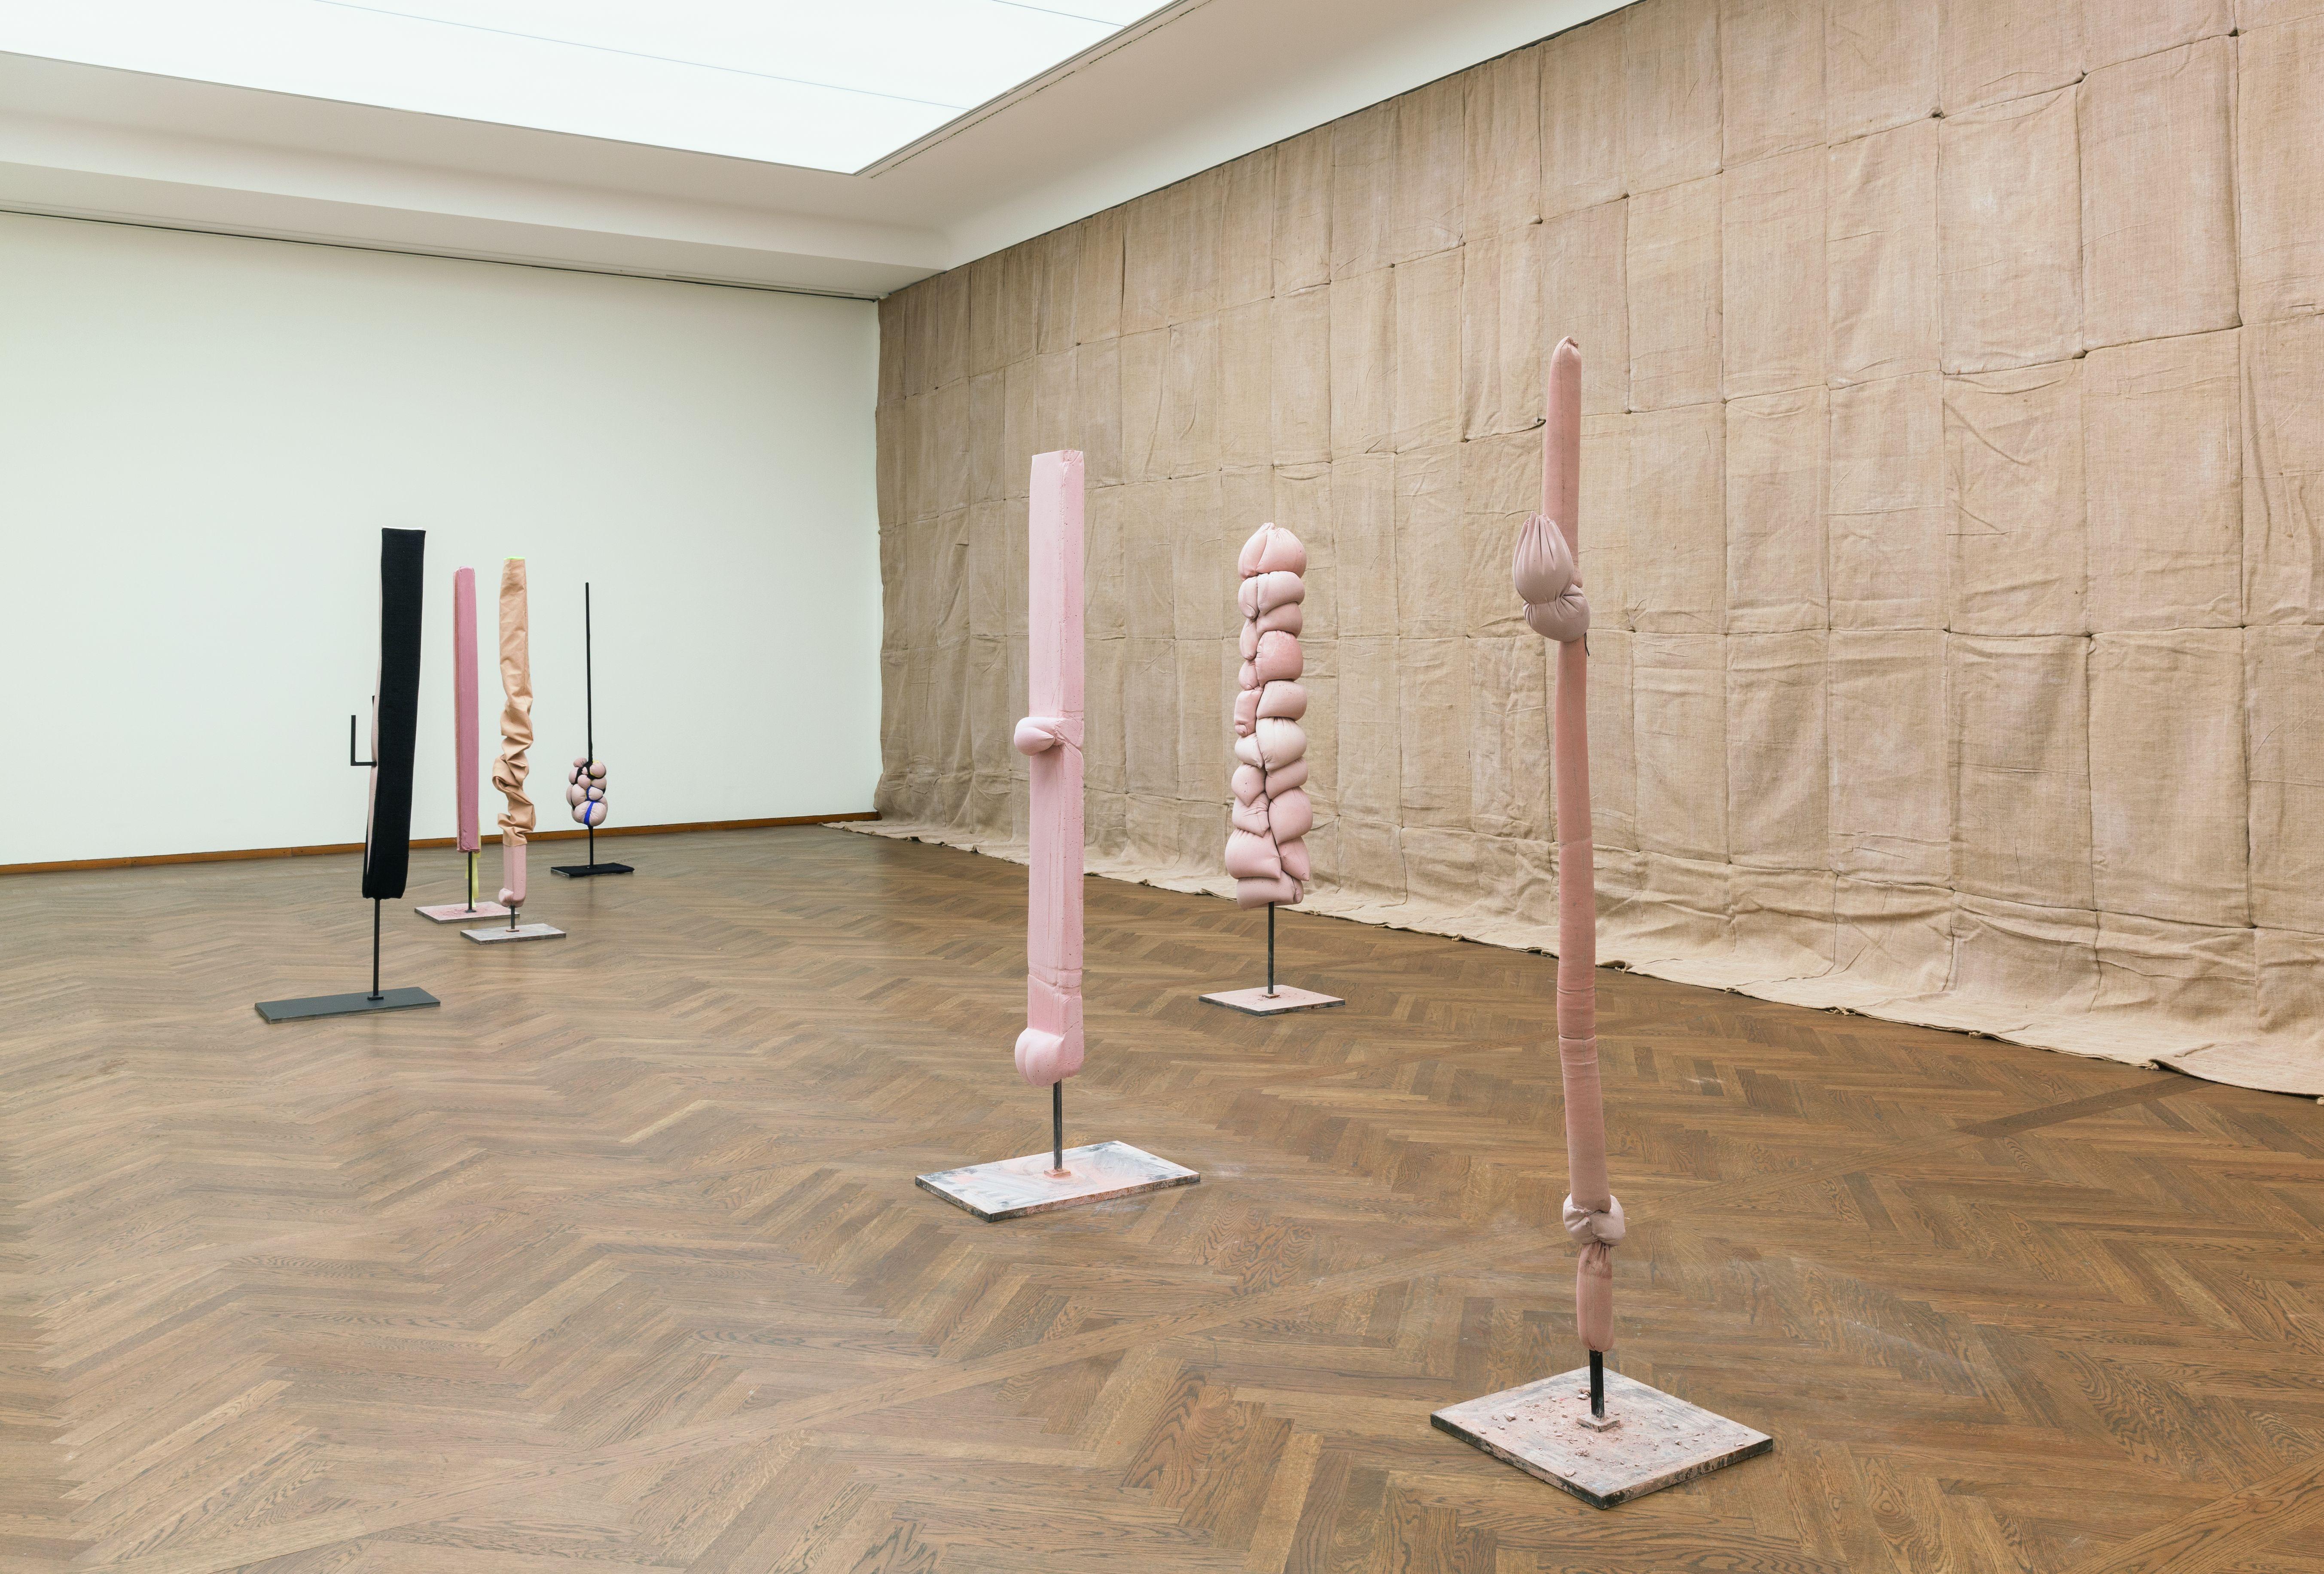 Anne Schneider Ausstellungsansicht Poetiken des Materials Leopold Museum Wien 2016 Foto Lisa Rastl